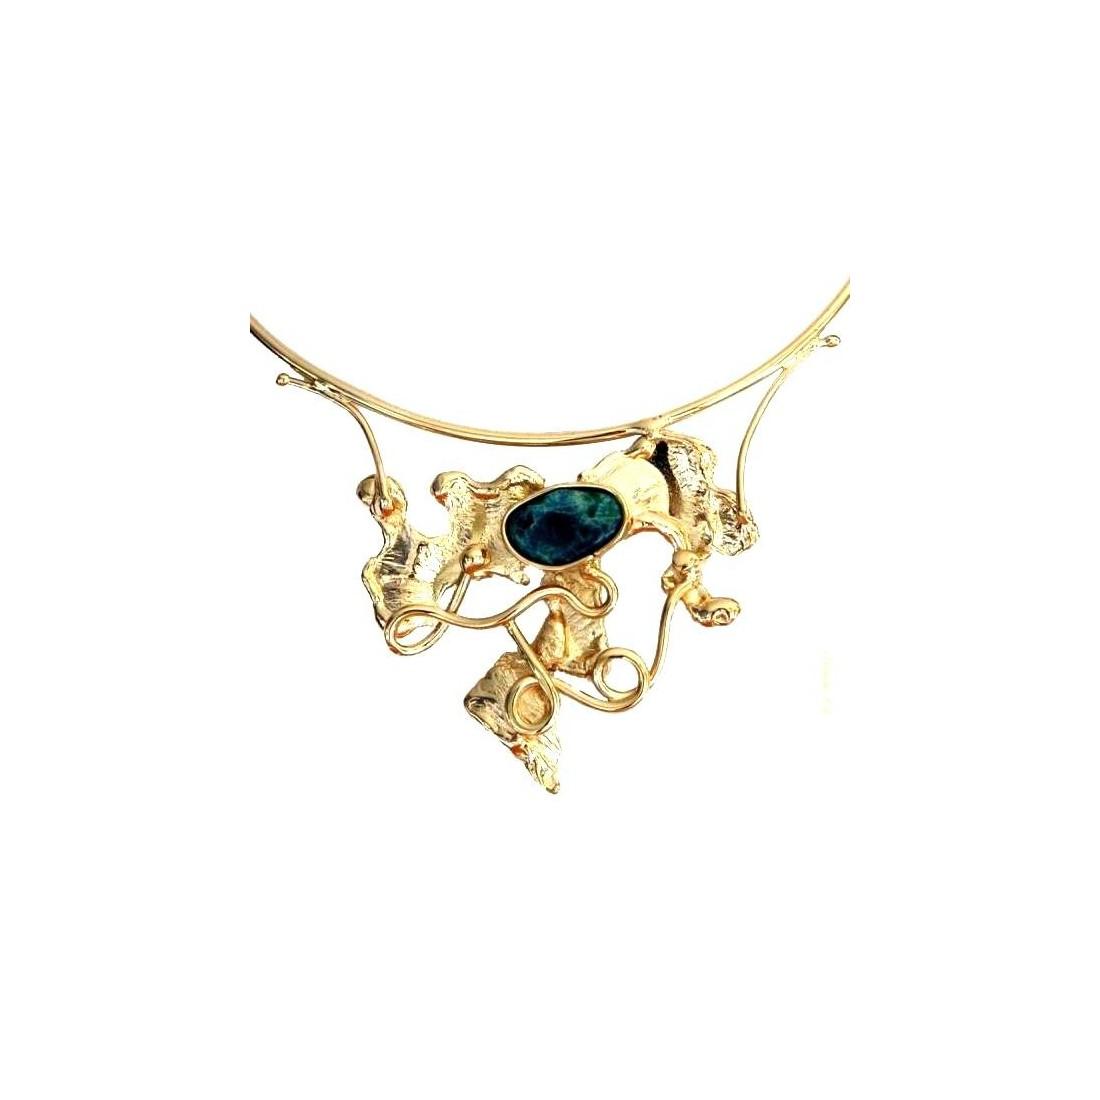 Collier avec agate bleu, bijou artisanal.